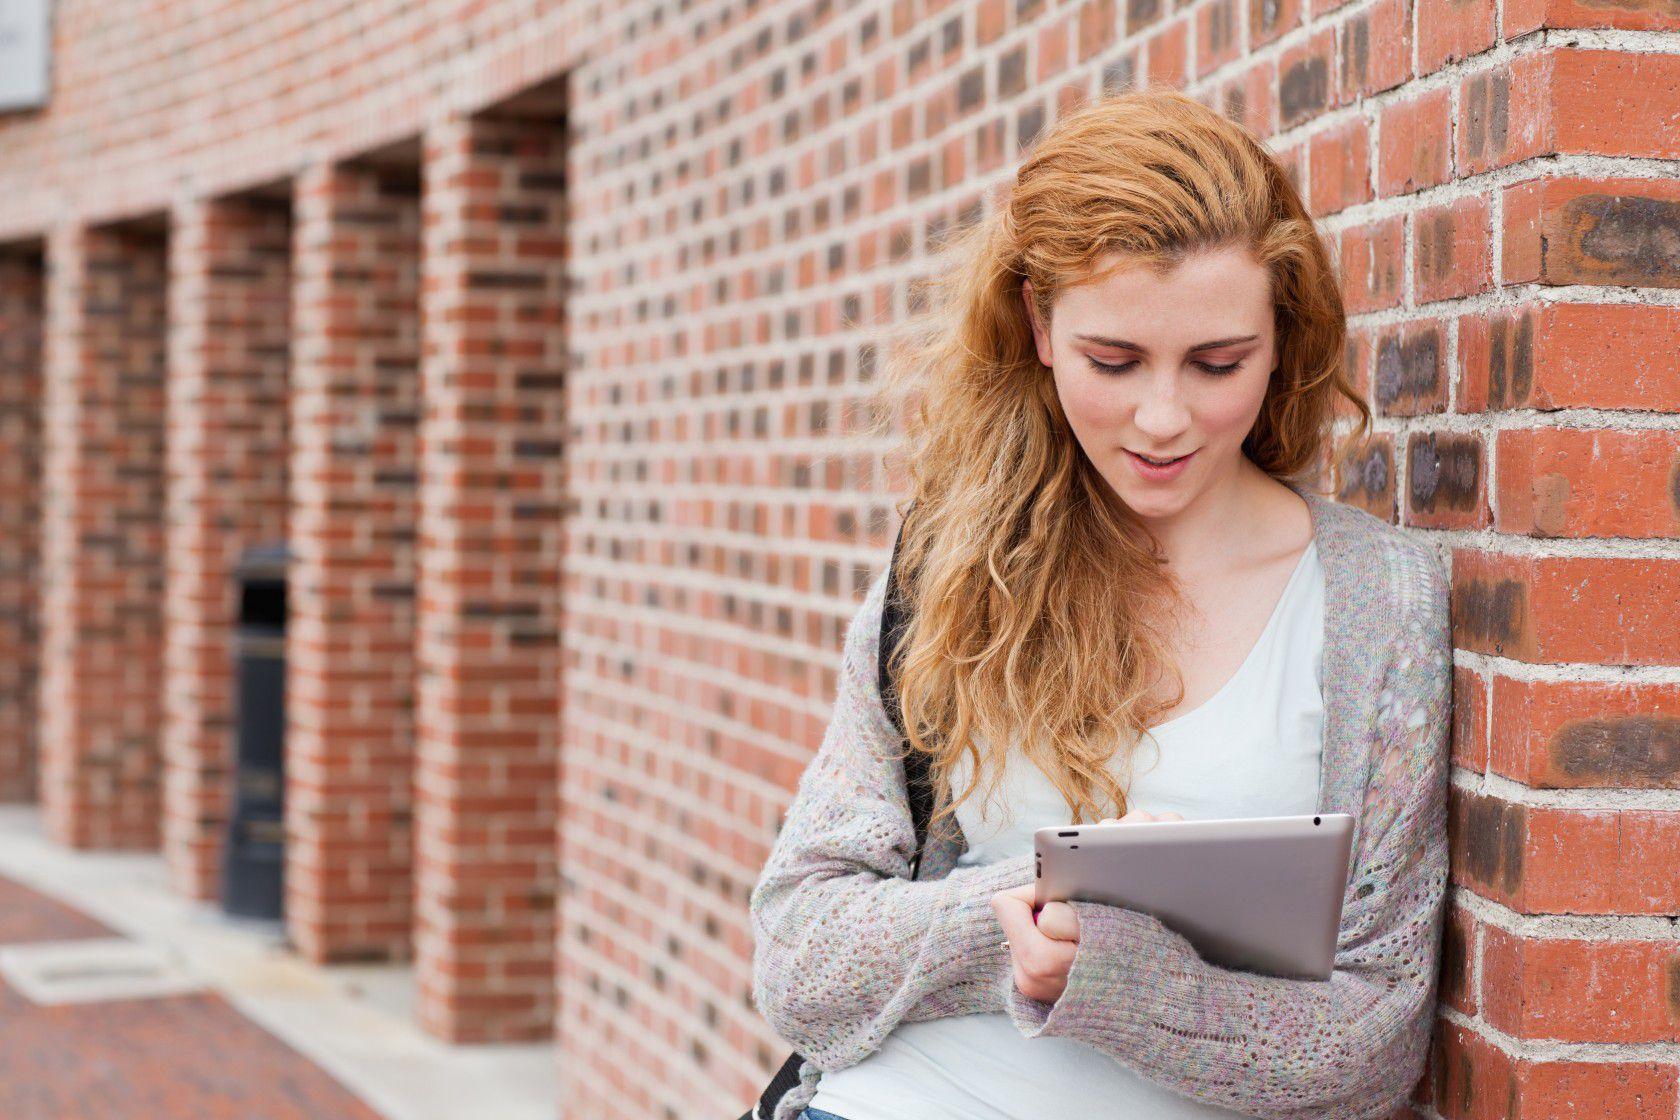 Kanada'da Lise Eğitim Bütçeni Daha Hesaplı Kullanabileceğin 5 Taktik